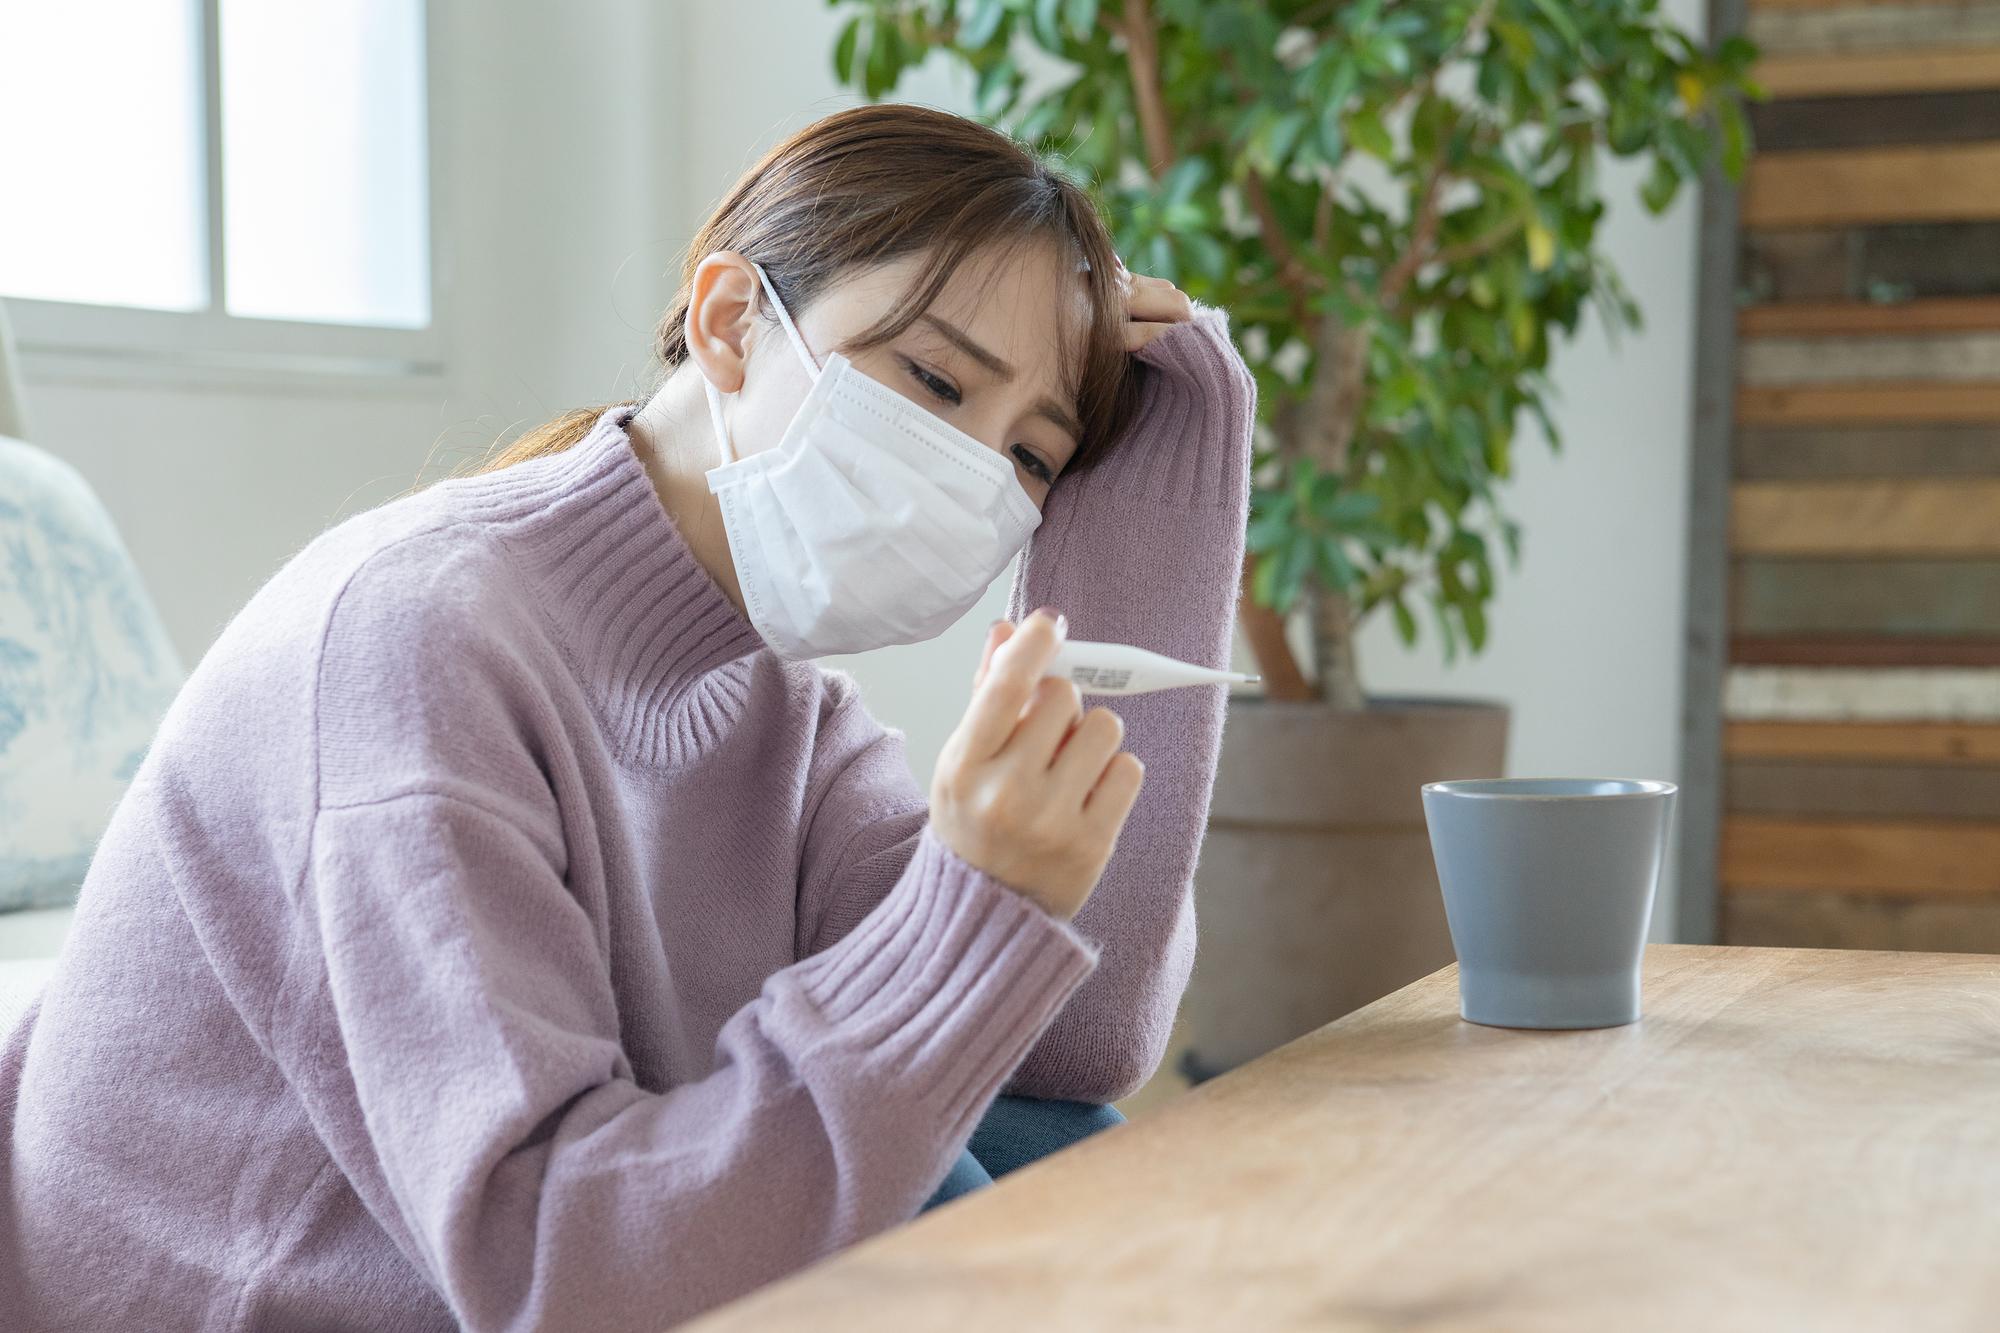 発熱 ストレス 性 現代病の一つ、心因性の発熱